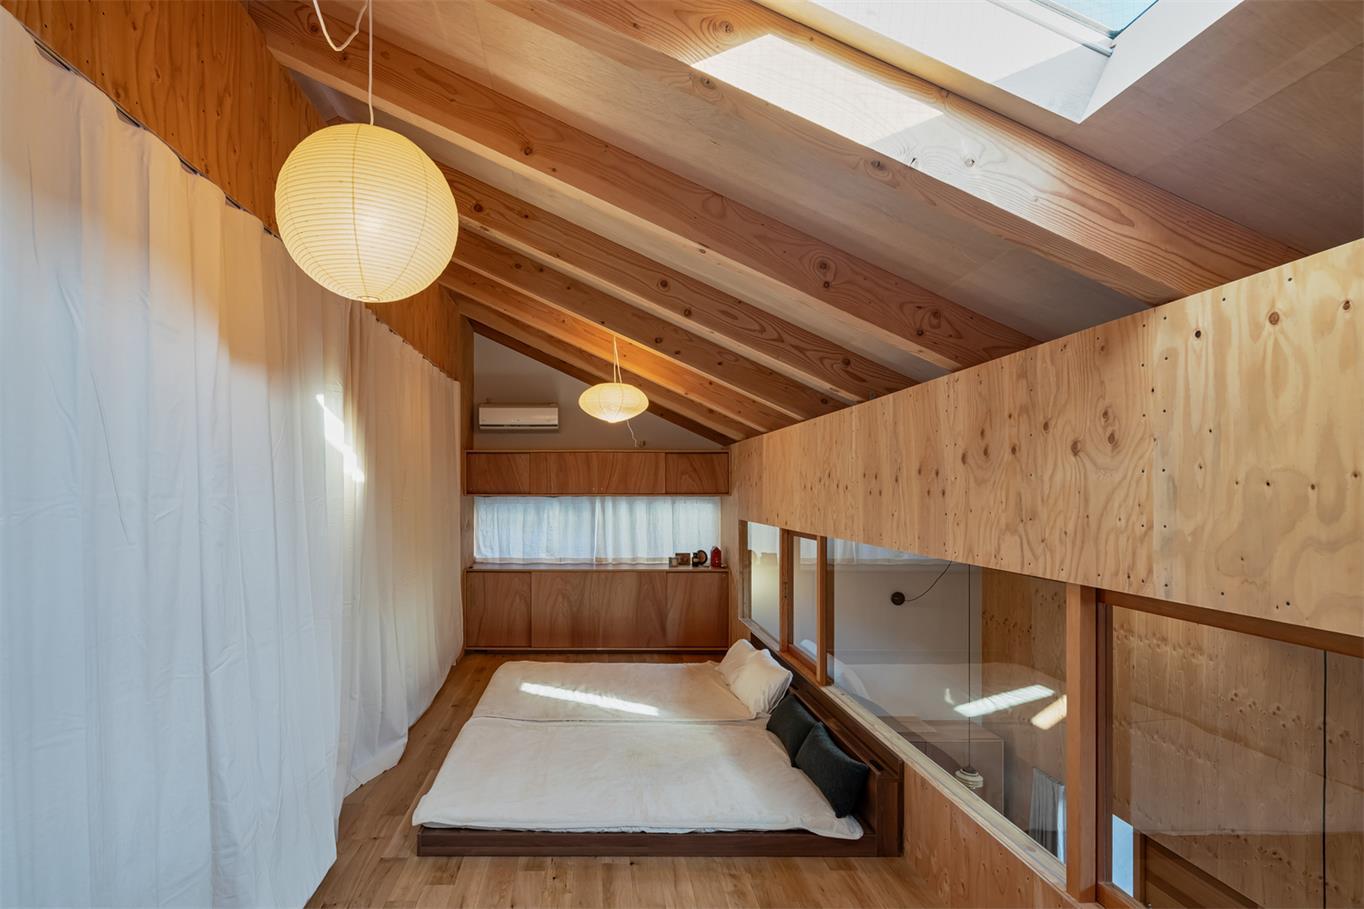 住宅二层可开可合的卧室设计